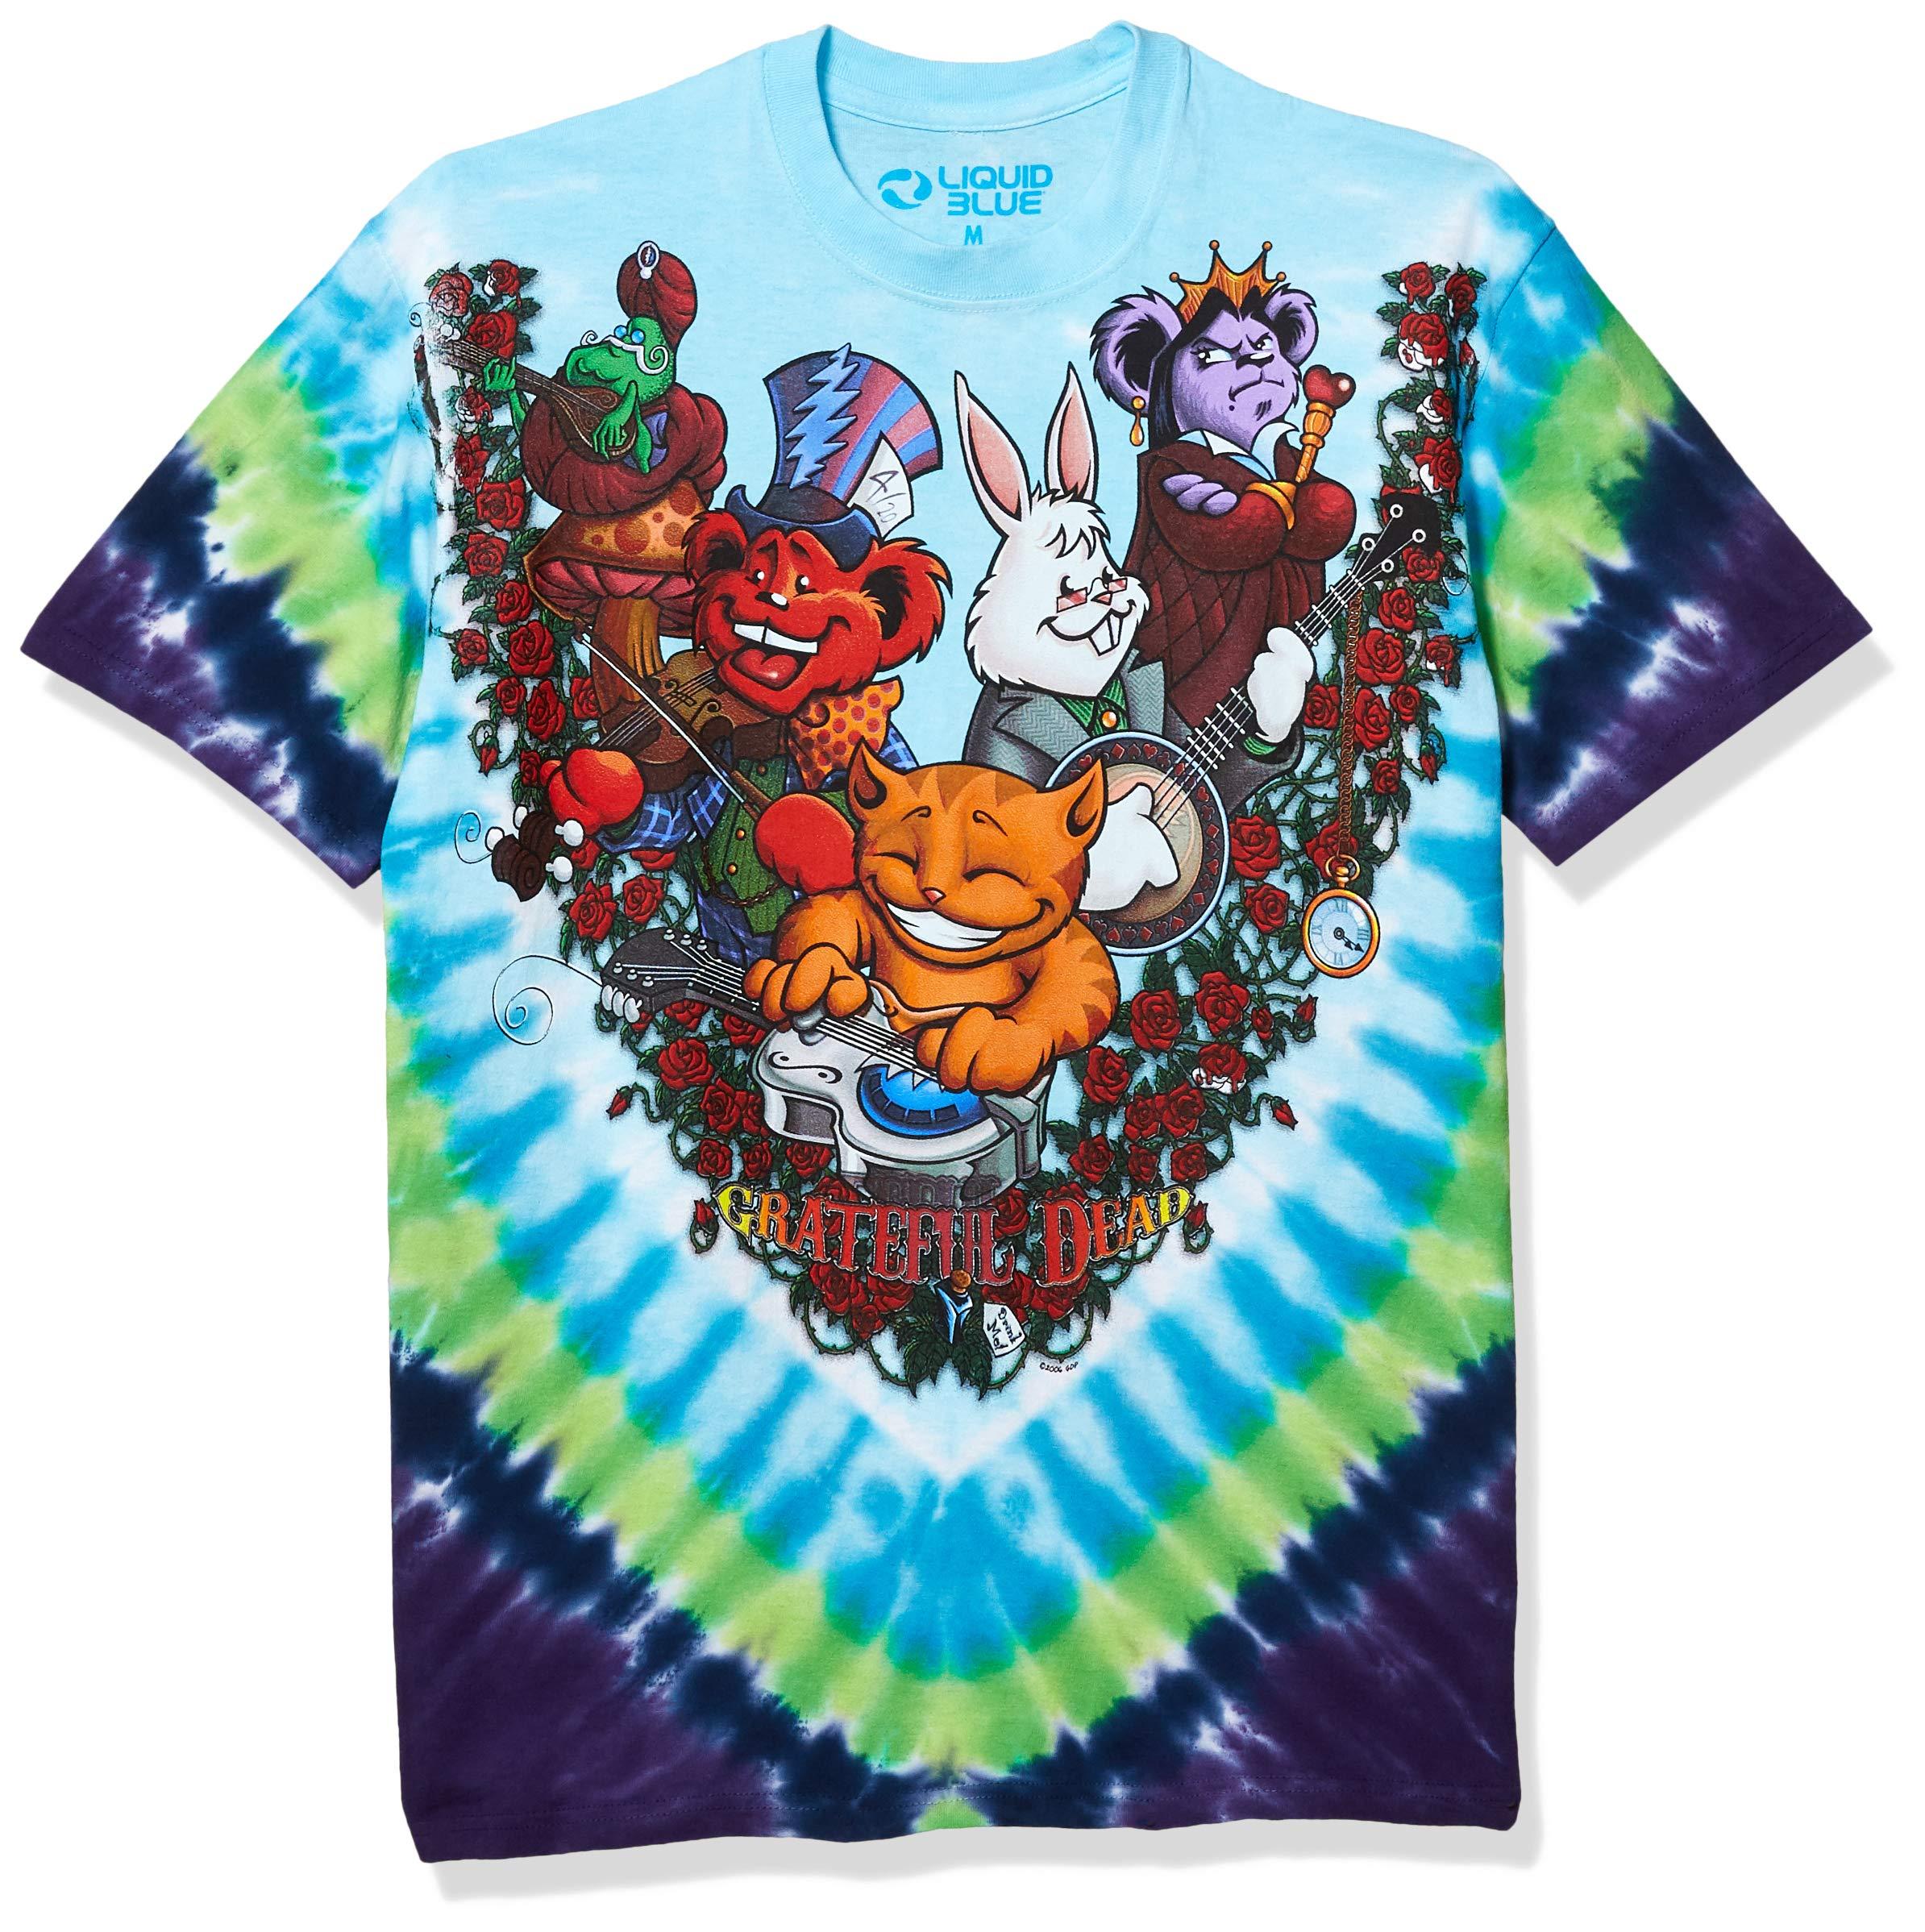 Liquid Blue Men's Wonderland Jamband T-Shirt